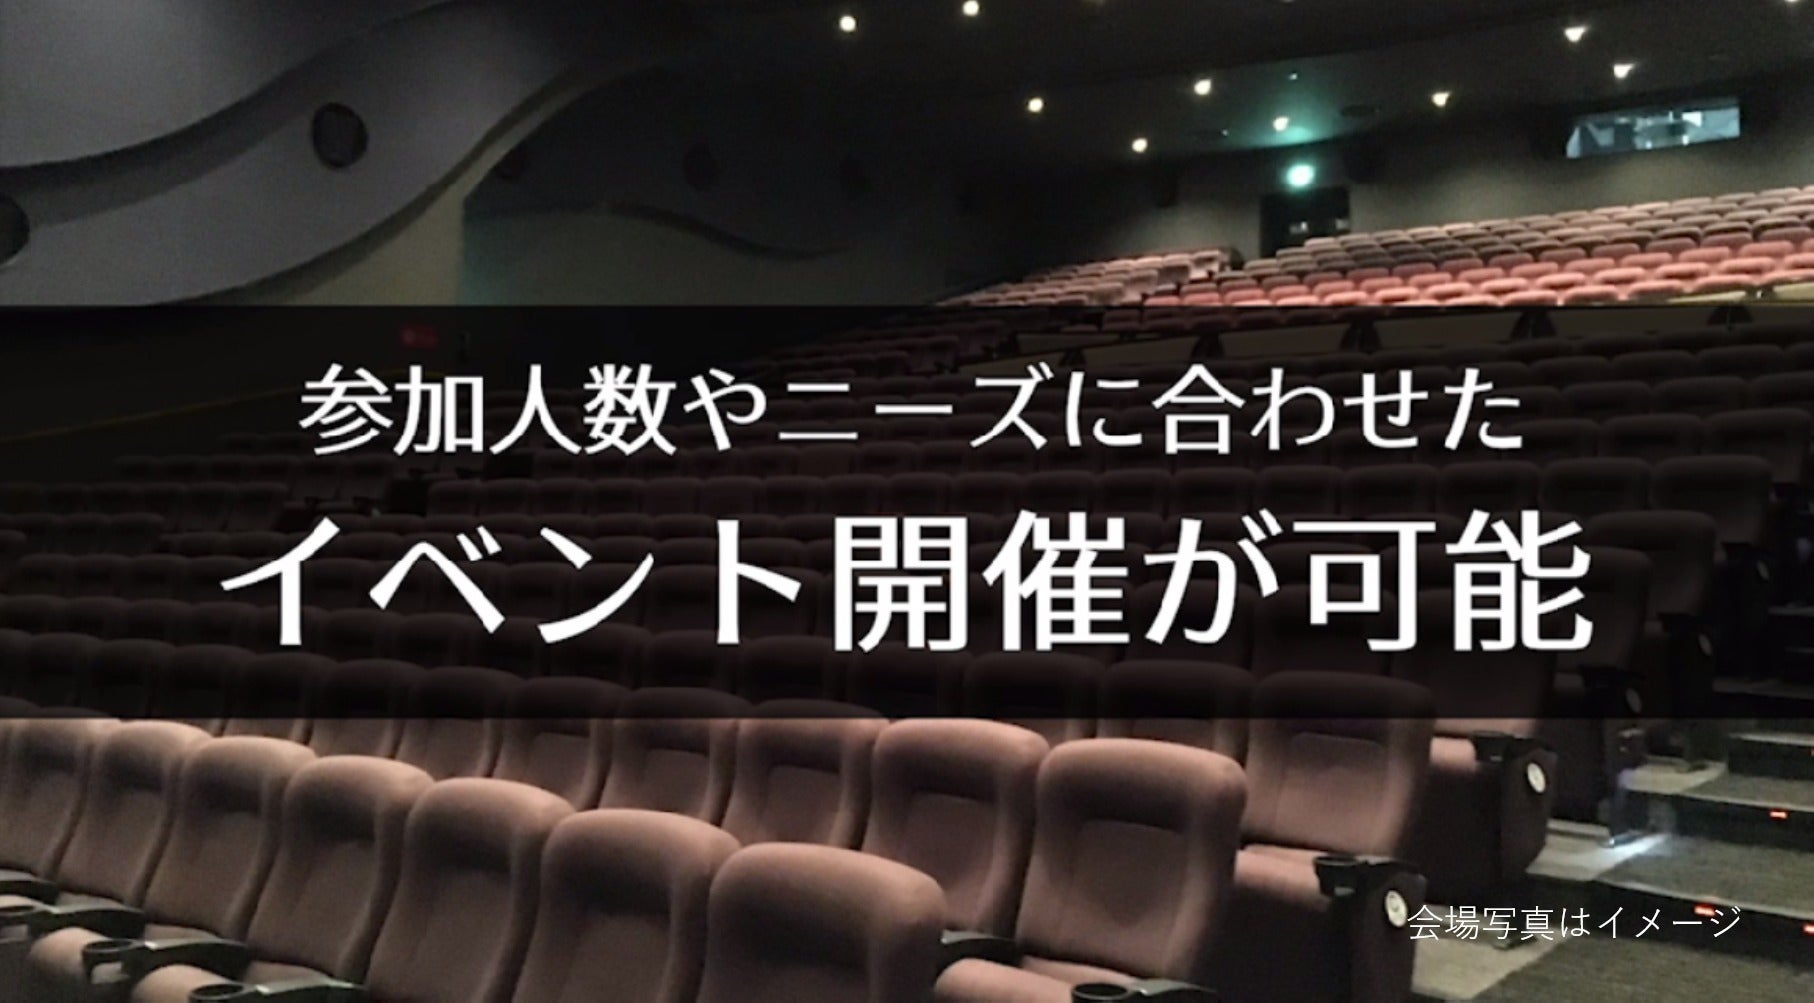 【新潟 120席】映画館で、会社説明会、株主総会、講演会の企画はいかがですか? の写真